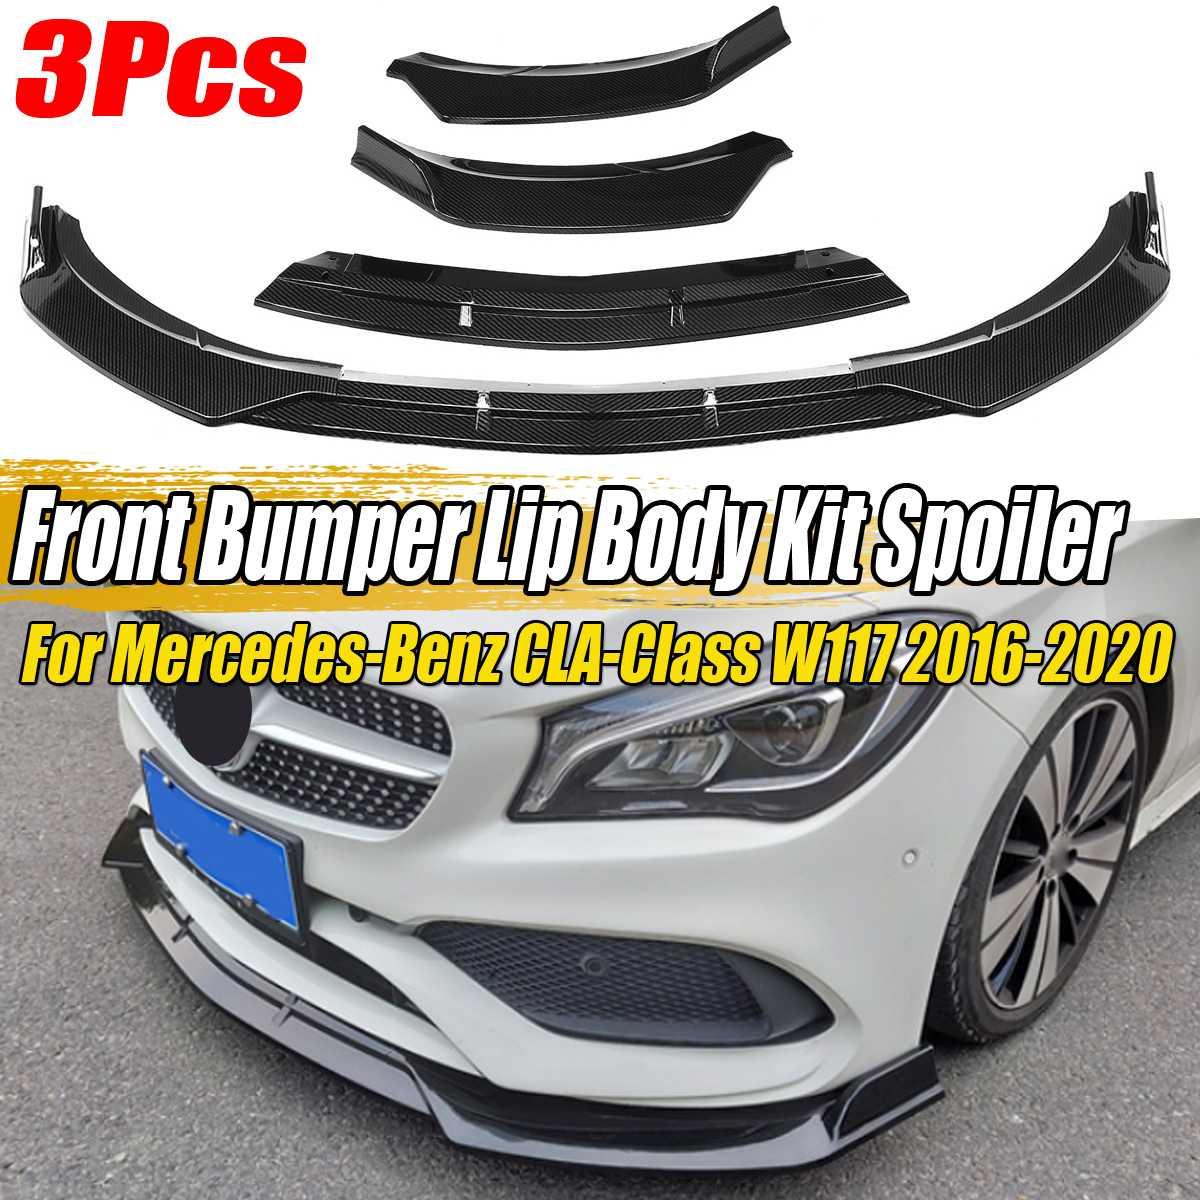 3 Pcs Auto Splitter Paraurti Anteriore Lip Spoiler Diffusore Guardia Coperchio di Protezione Trim per Mercedes per Il Benz Cla-Class w117 2016-2020